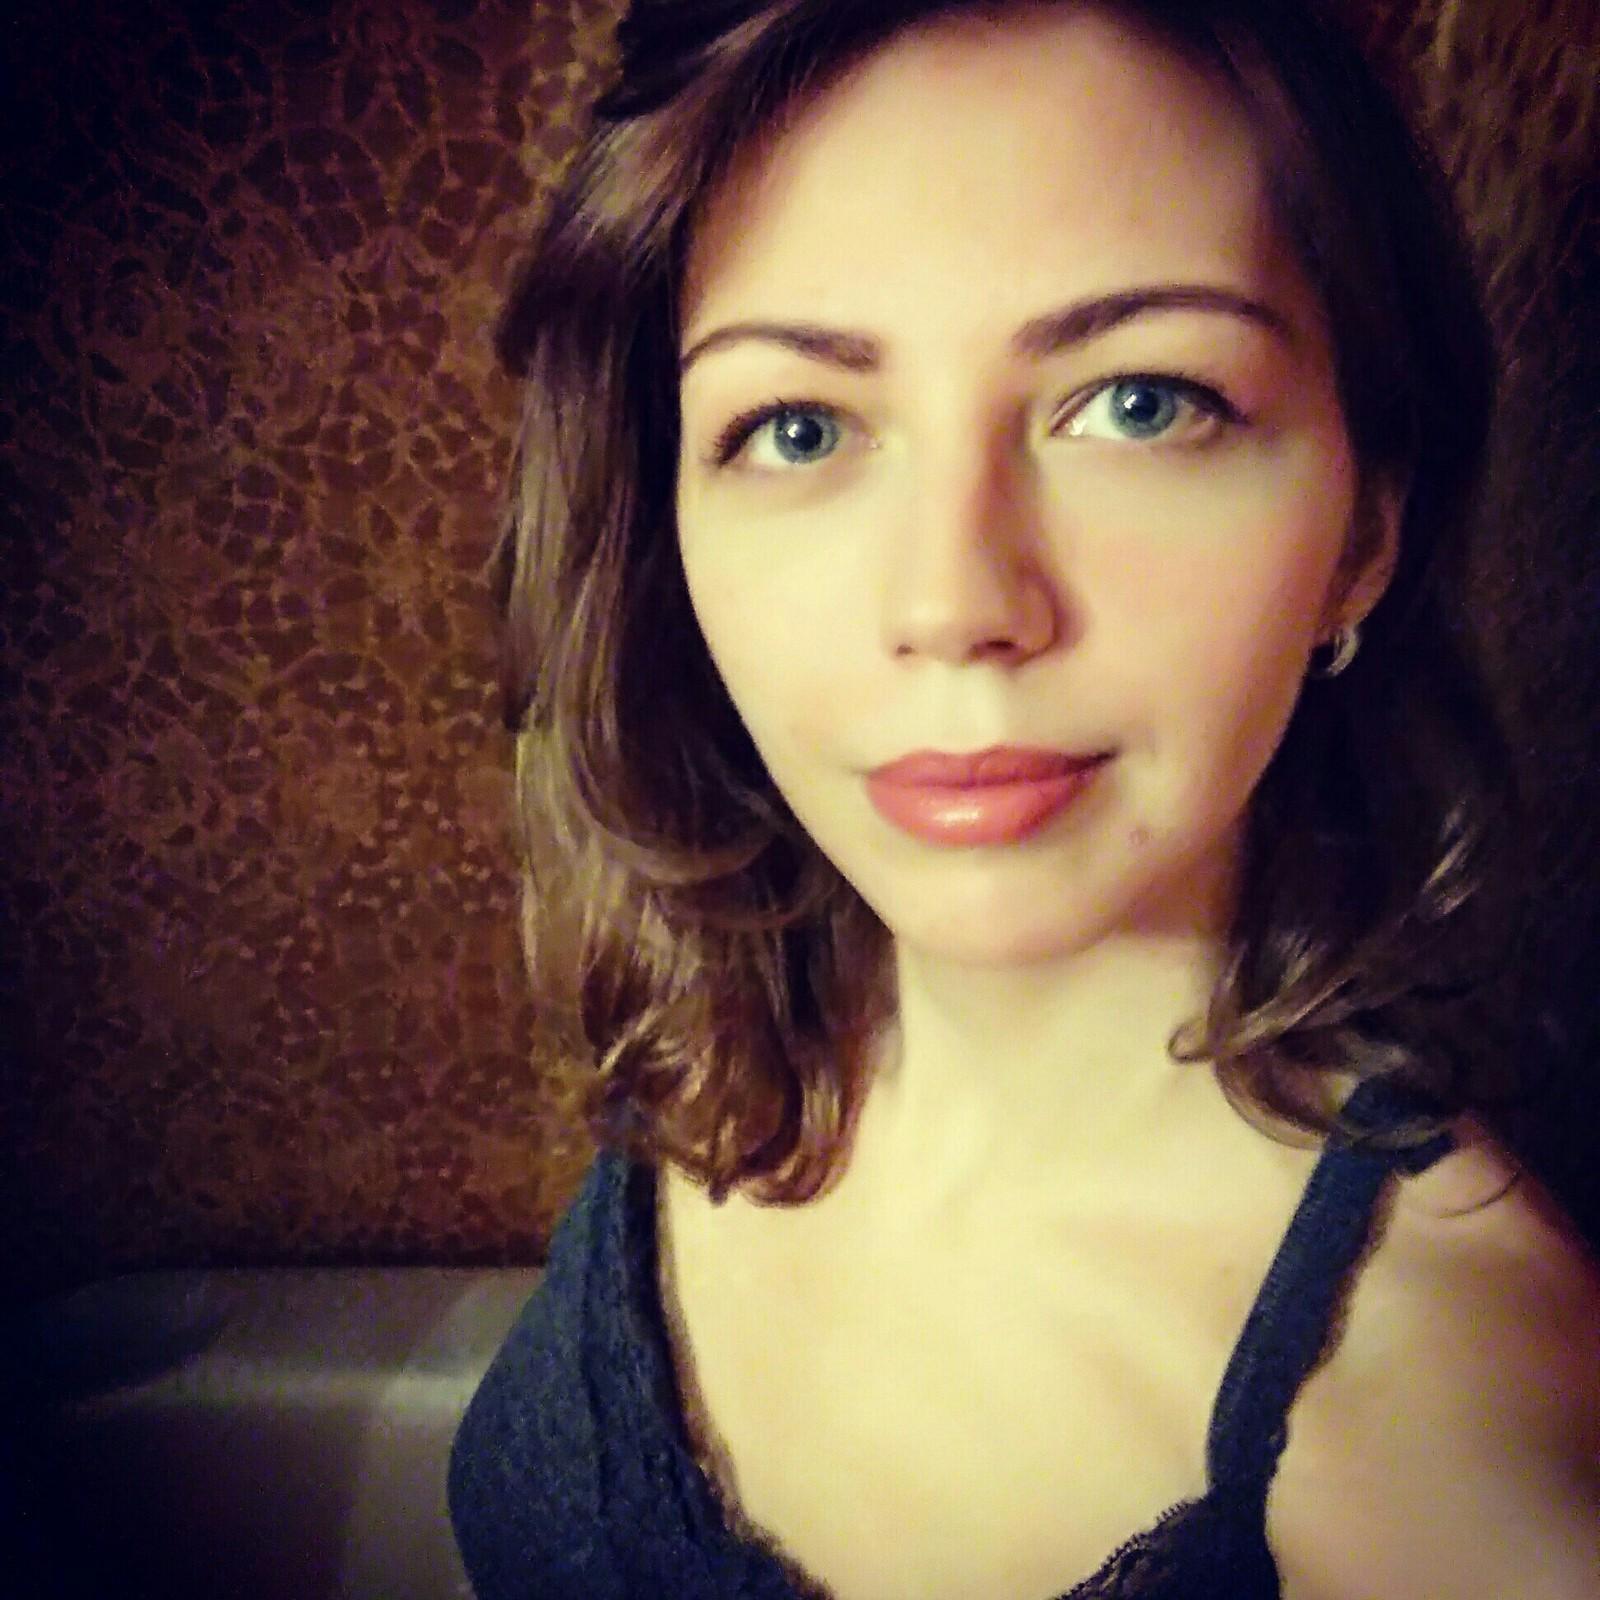 Анкеты девушек дл знакомства в казахстане с кон телефонами история знакомства ельцина и с его женой